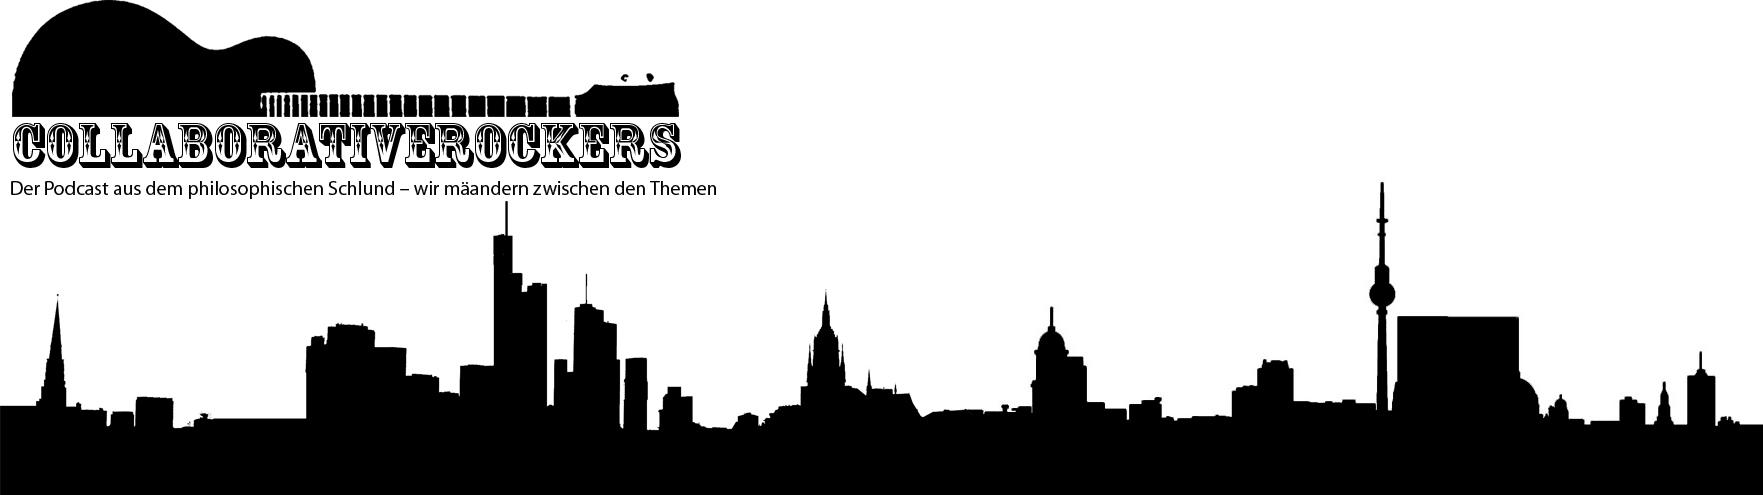 Der Podcast aus dem philosophischen Schlund - wir mäandern zwischen den Themen